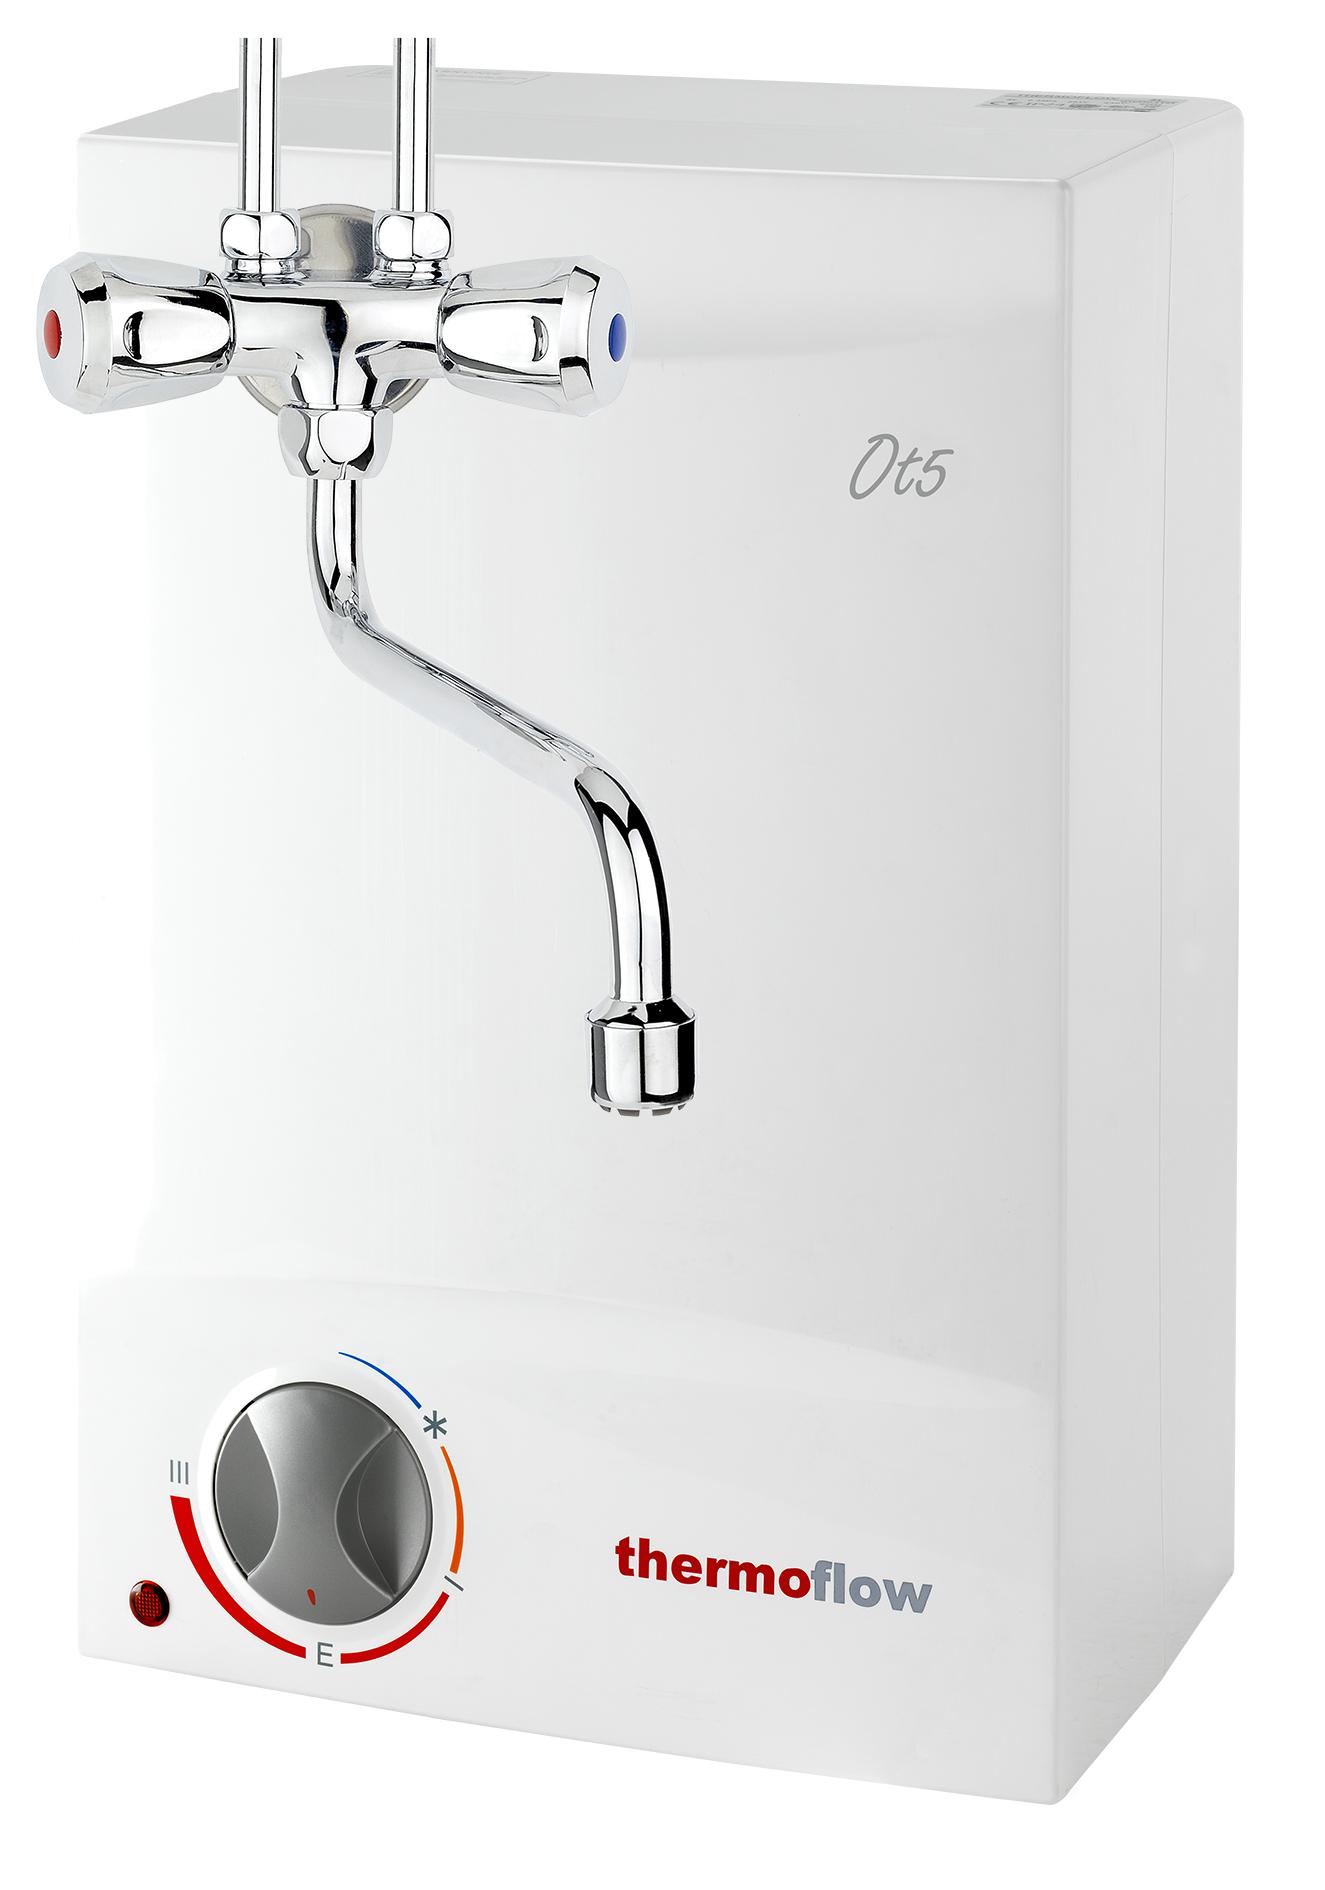 Details zu Obertischboiler Warmwasserspeicher 20 Liter Übertisch Boiler +  Armatur Thermoflow